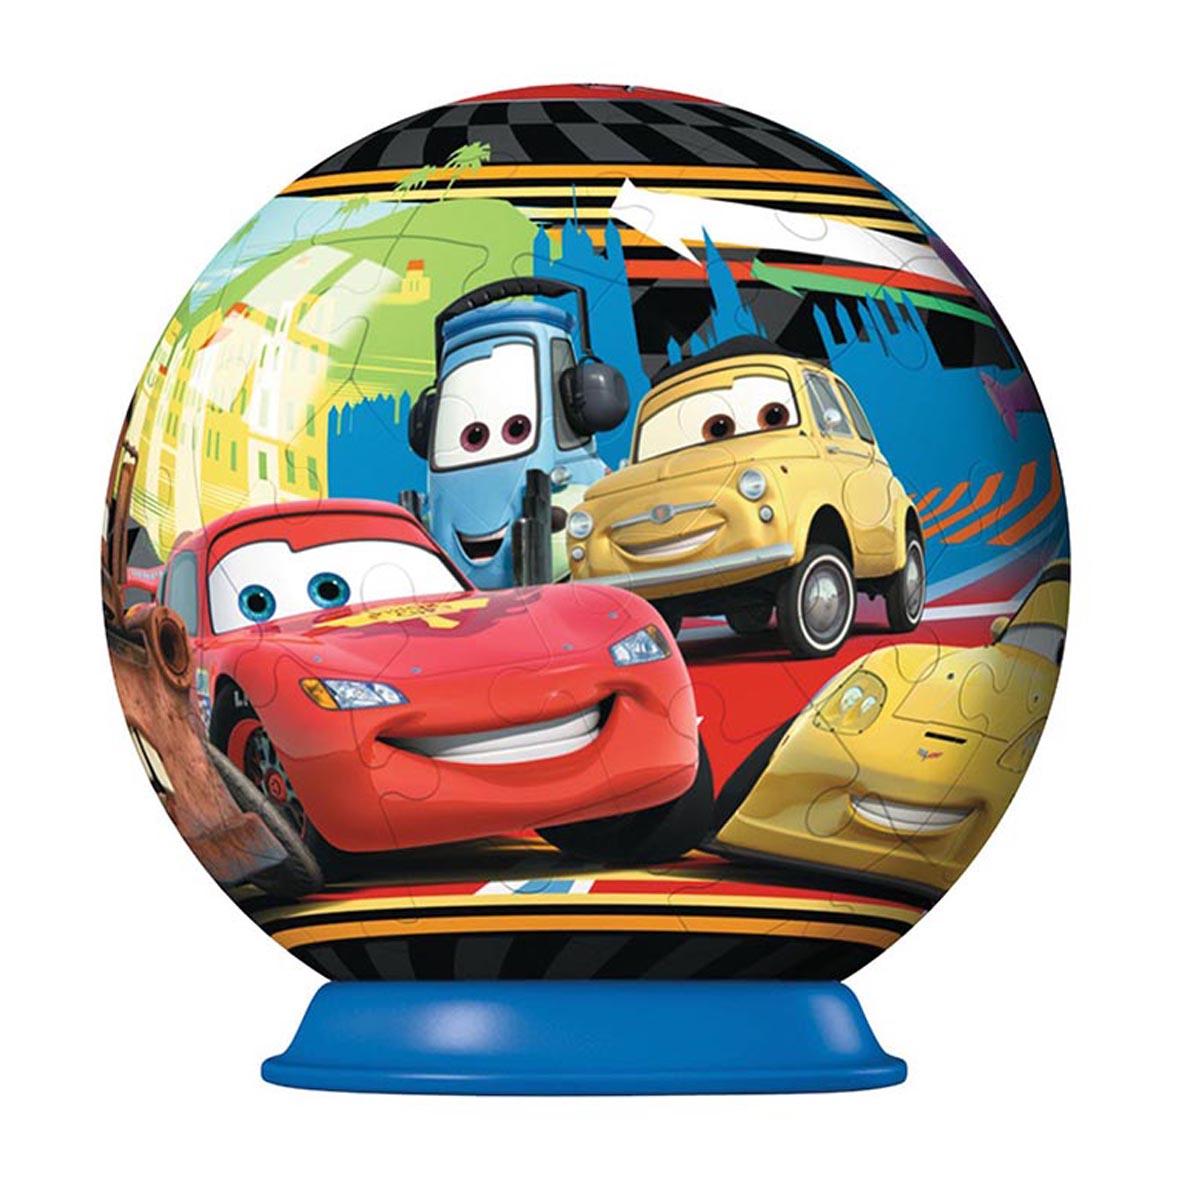 3D PUZZLE ROND 54P CARS2